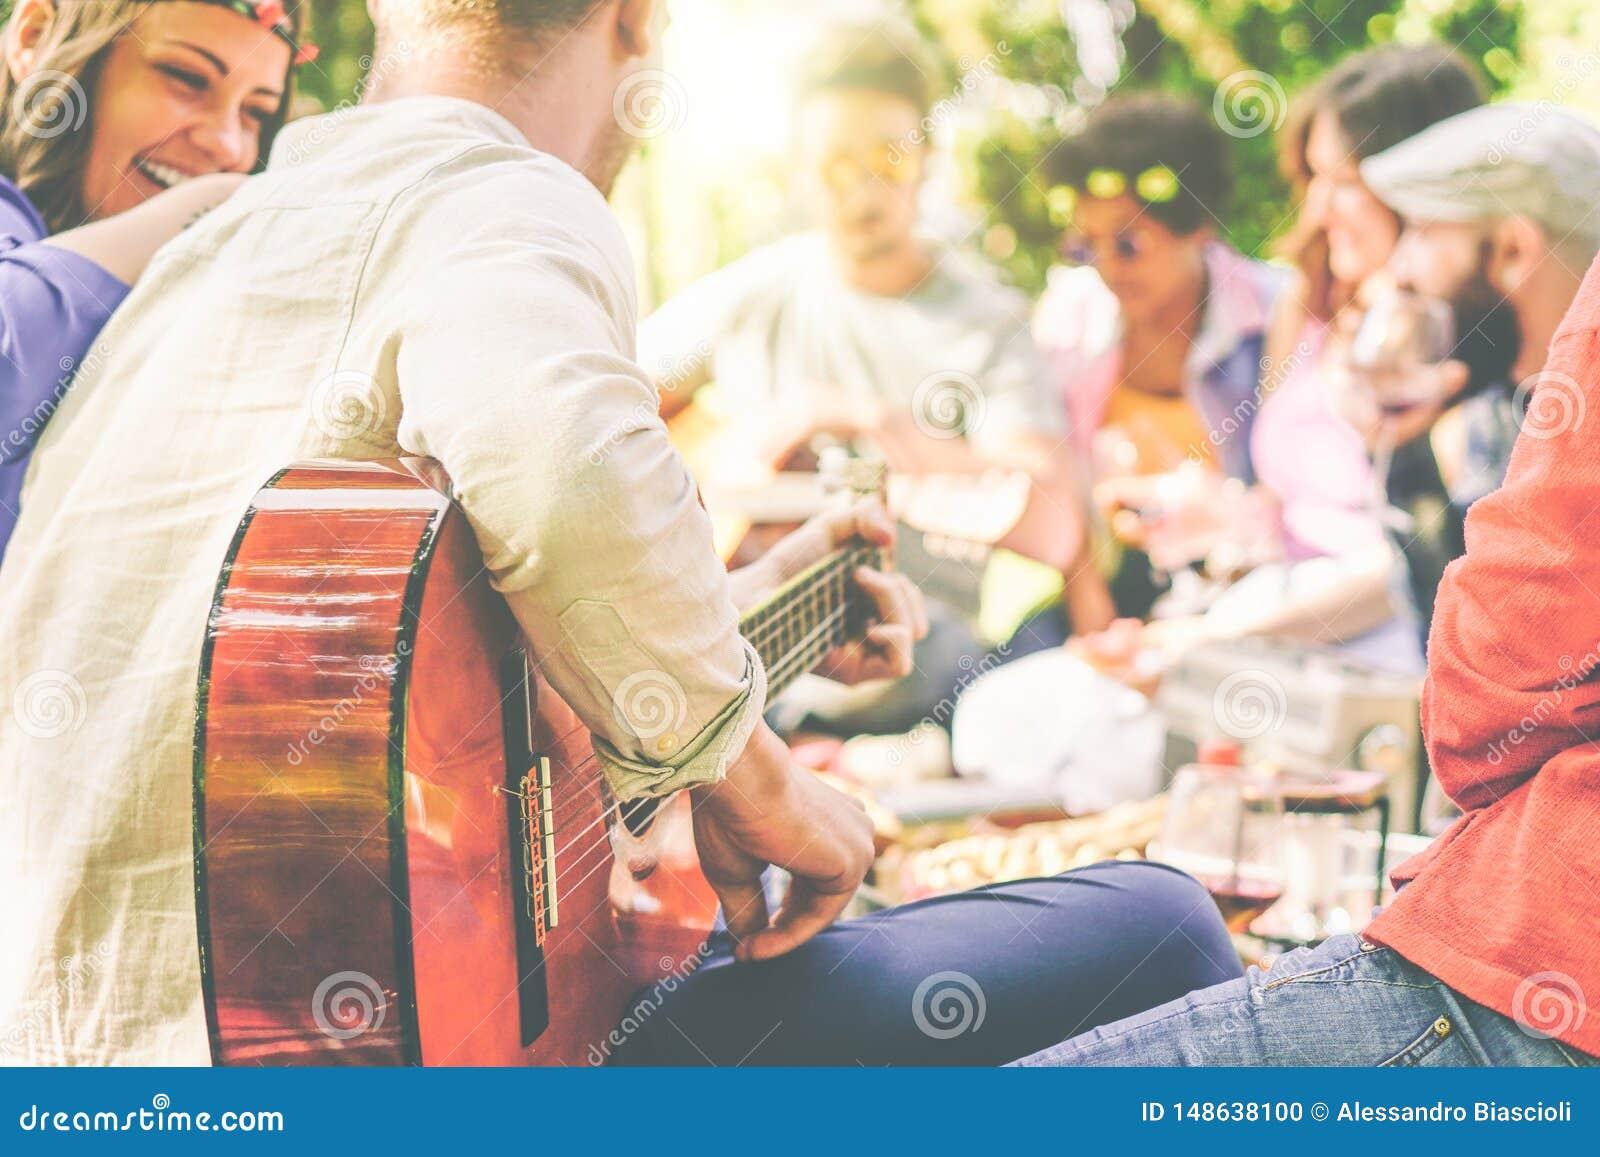 Groupe d amis ayant un pique-nique dans un parc extérieur - jeunes compagnons heureux appréciant le pique-nique jouant le vin de